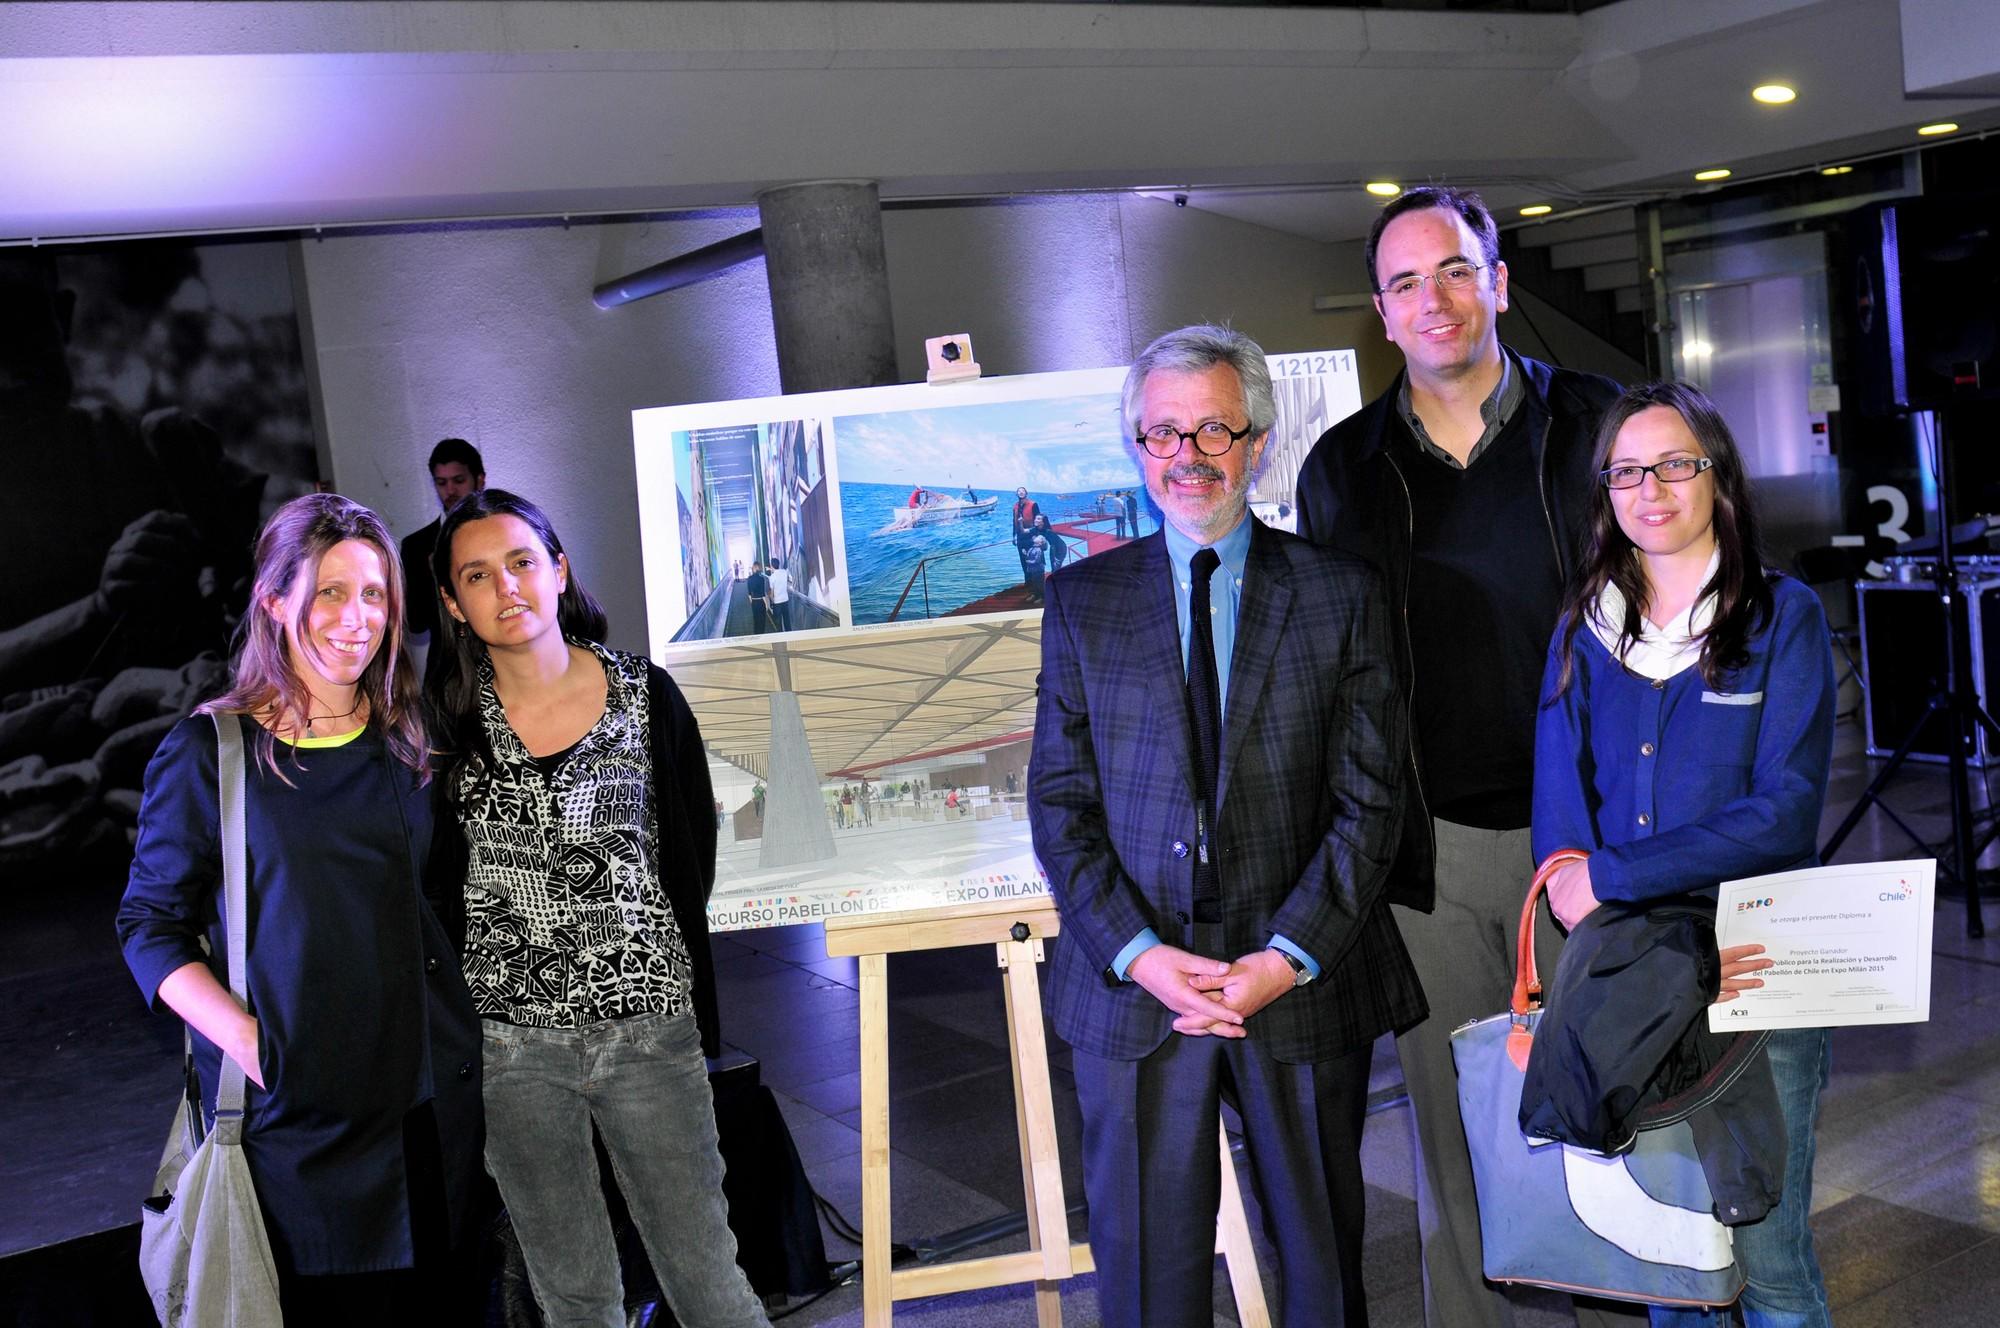 Cristián Undurraga se adjudica el diseño para el Pabellón de Chile en la Expo Milán 2015, Courtesy of Equipo Chile Expo Milán